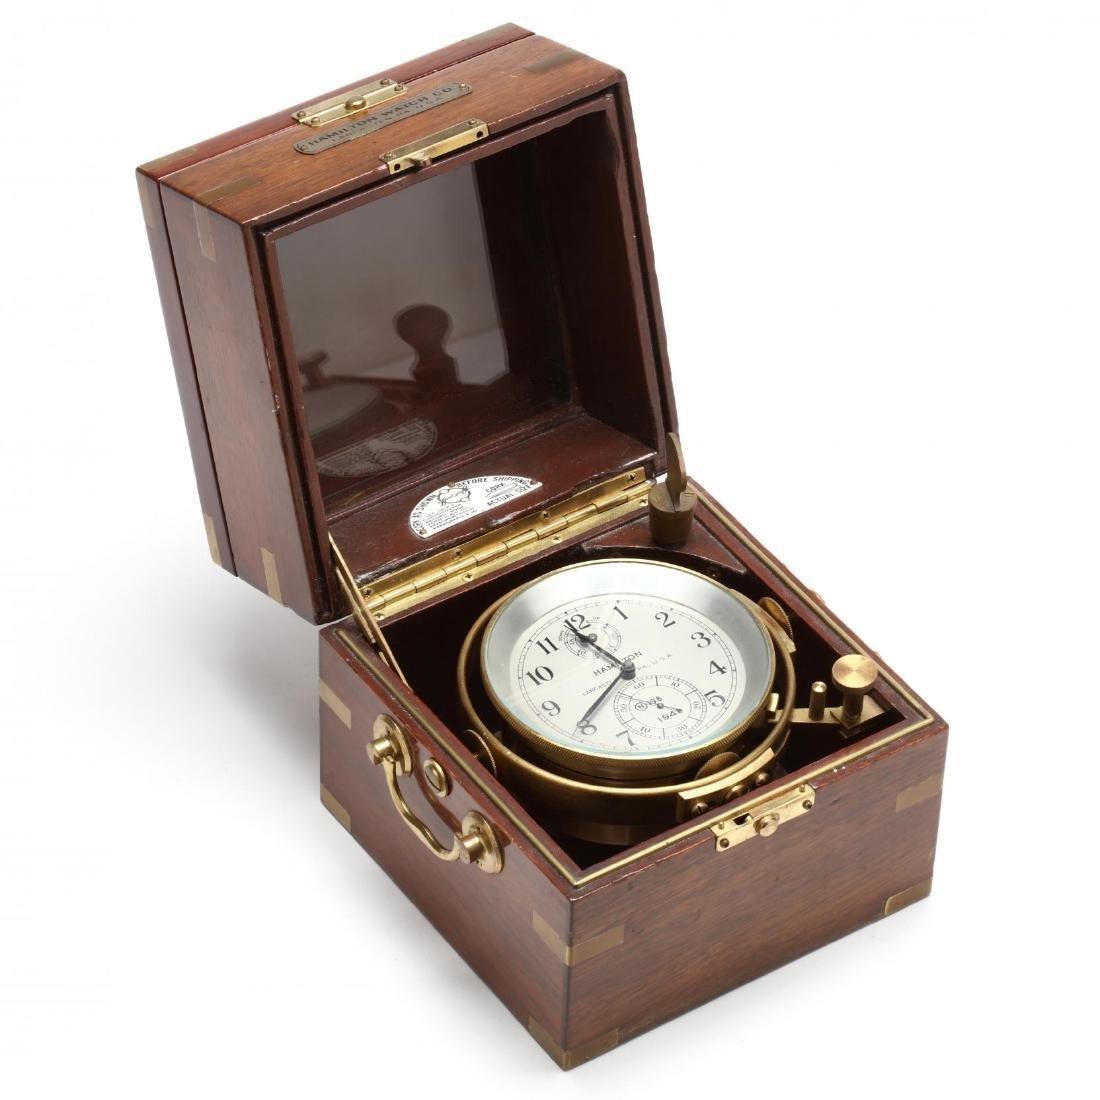 Hamilton Model 21 Ship's Chronometer